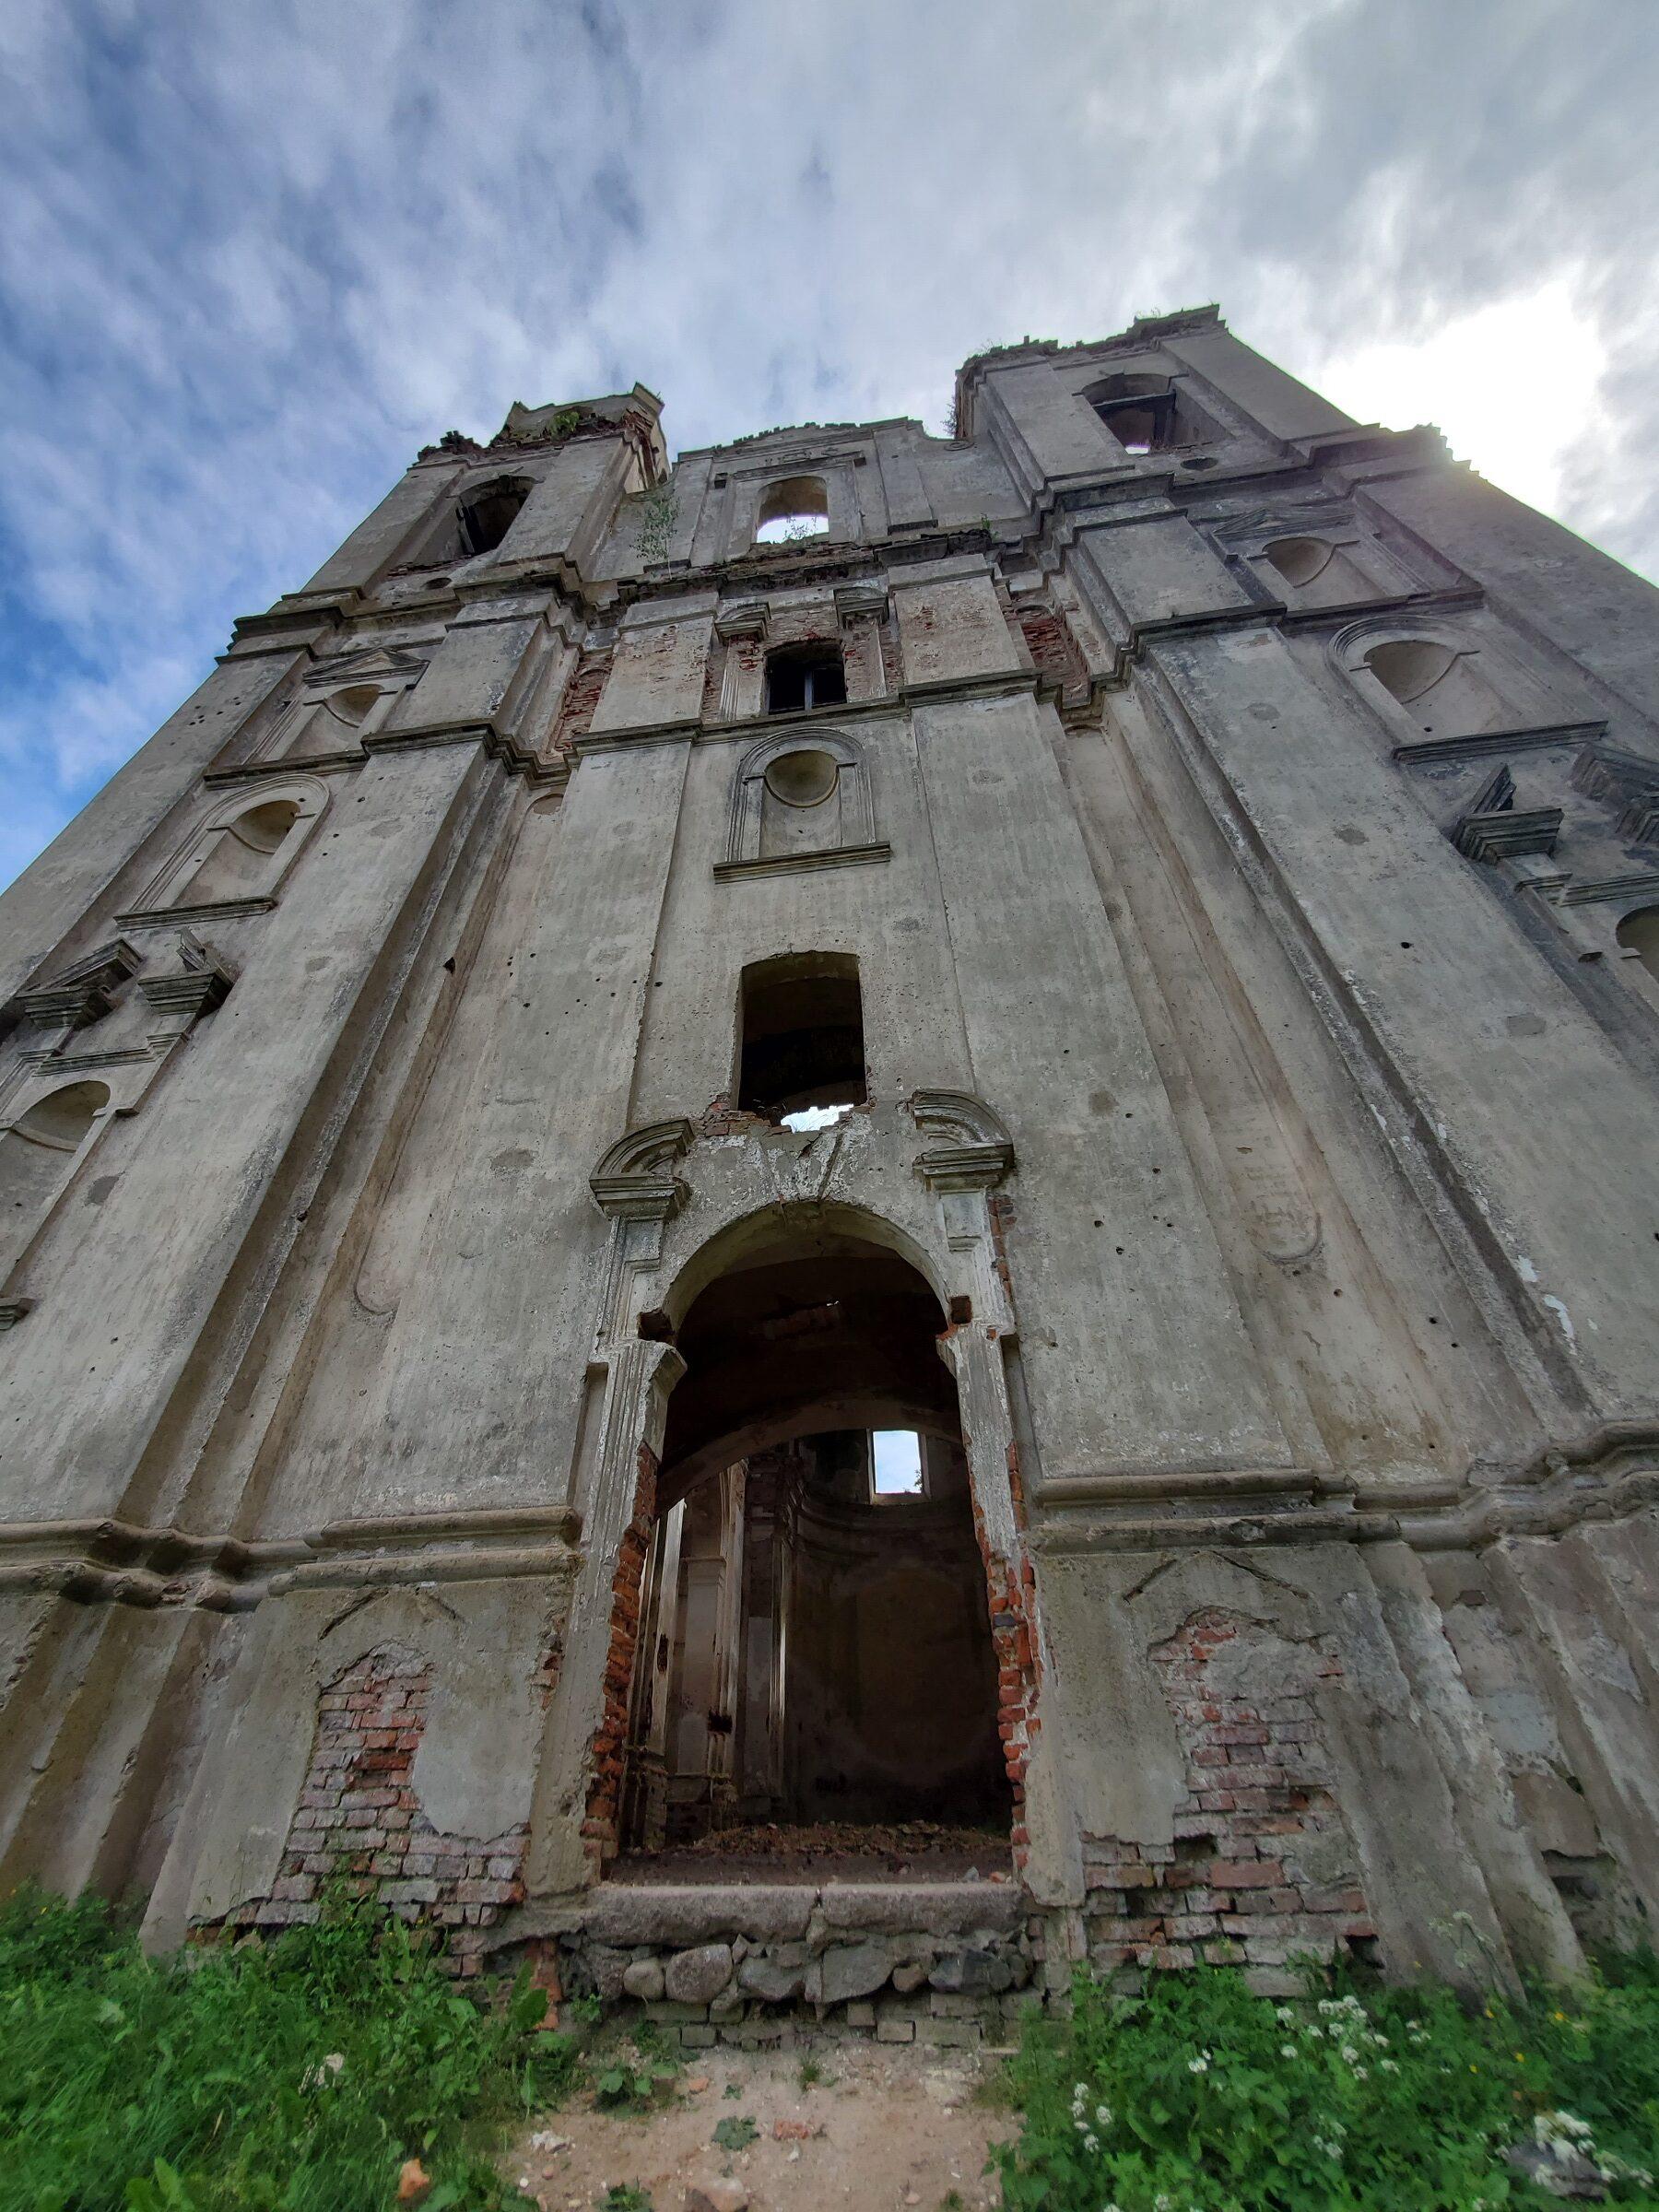 20200705 132643 rotated - Памятники архитектуры в Селище